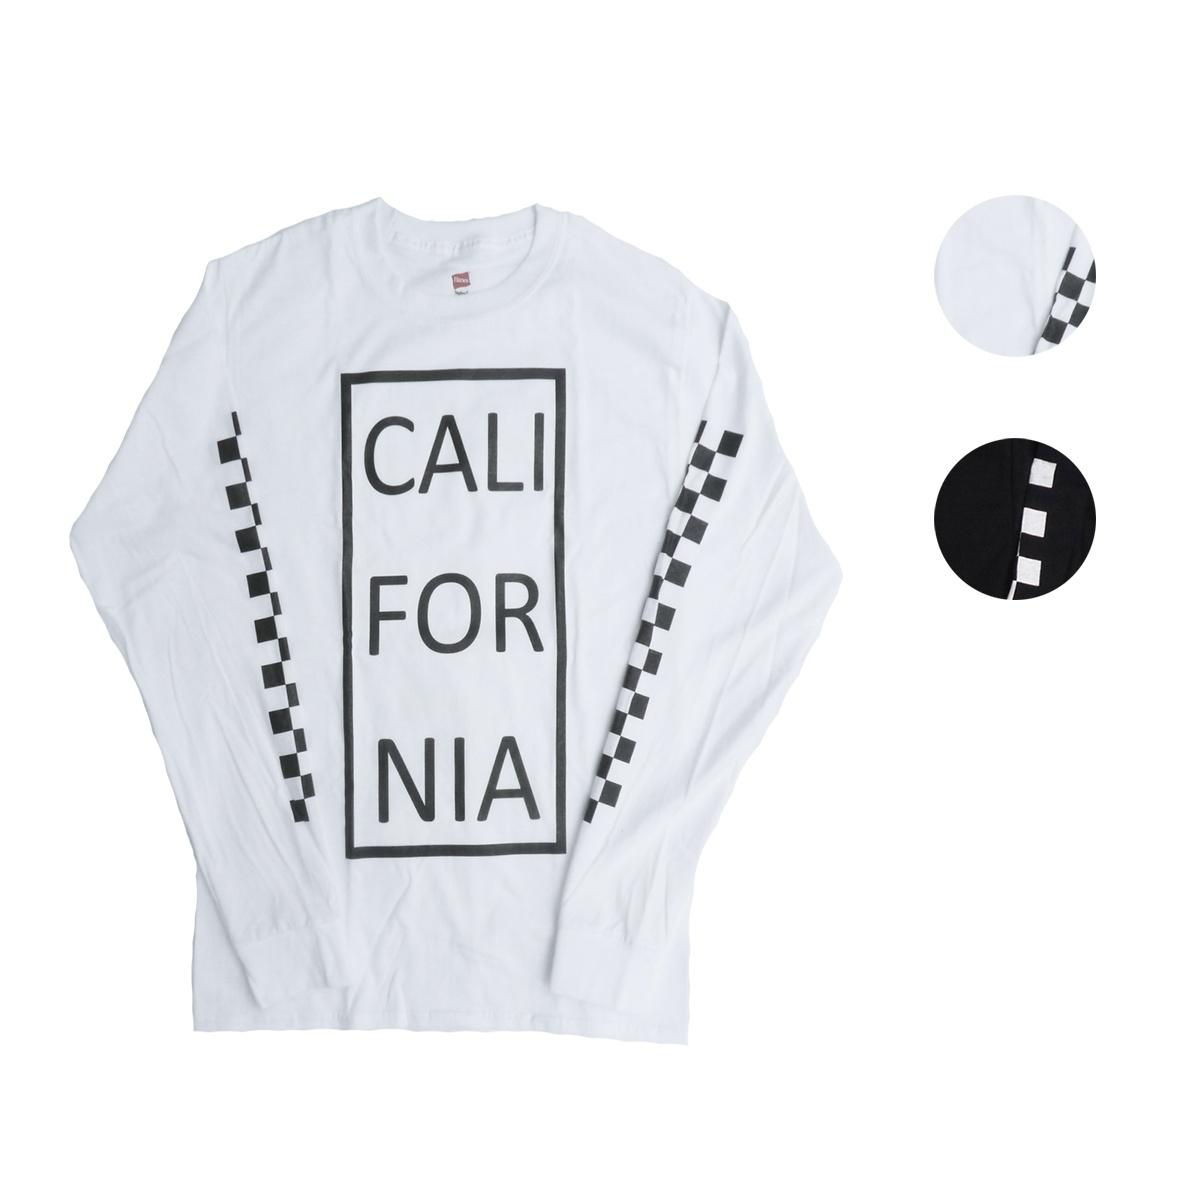 画像1: Hanes ヘインズ カリフォルニアロングTシャツ 全2色 メンズ (1)